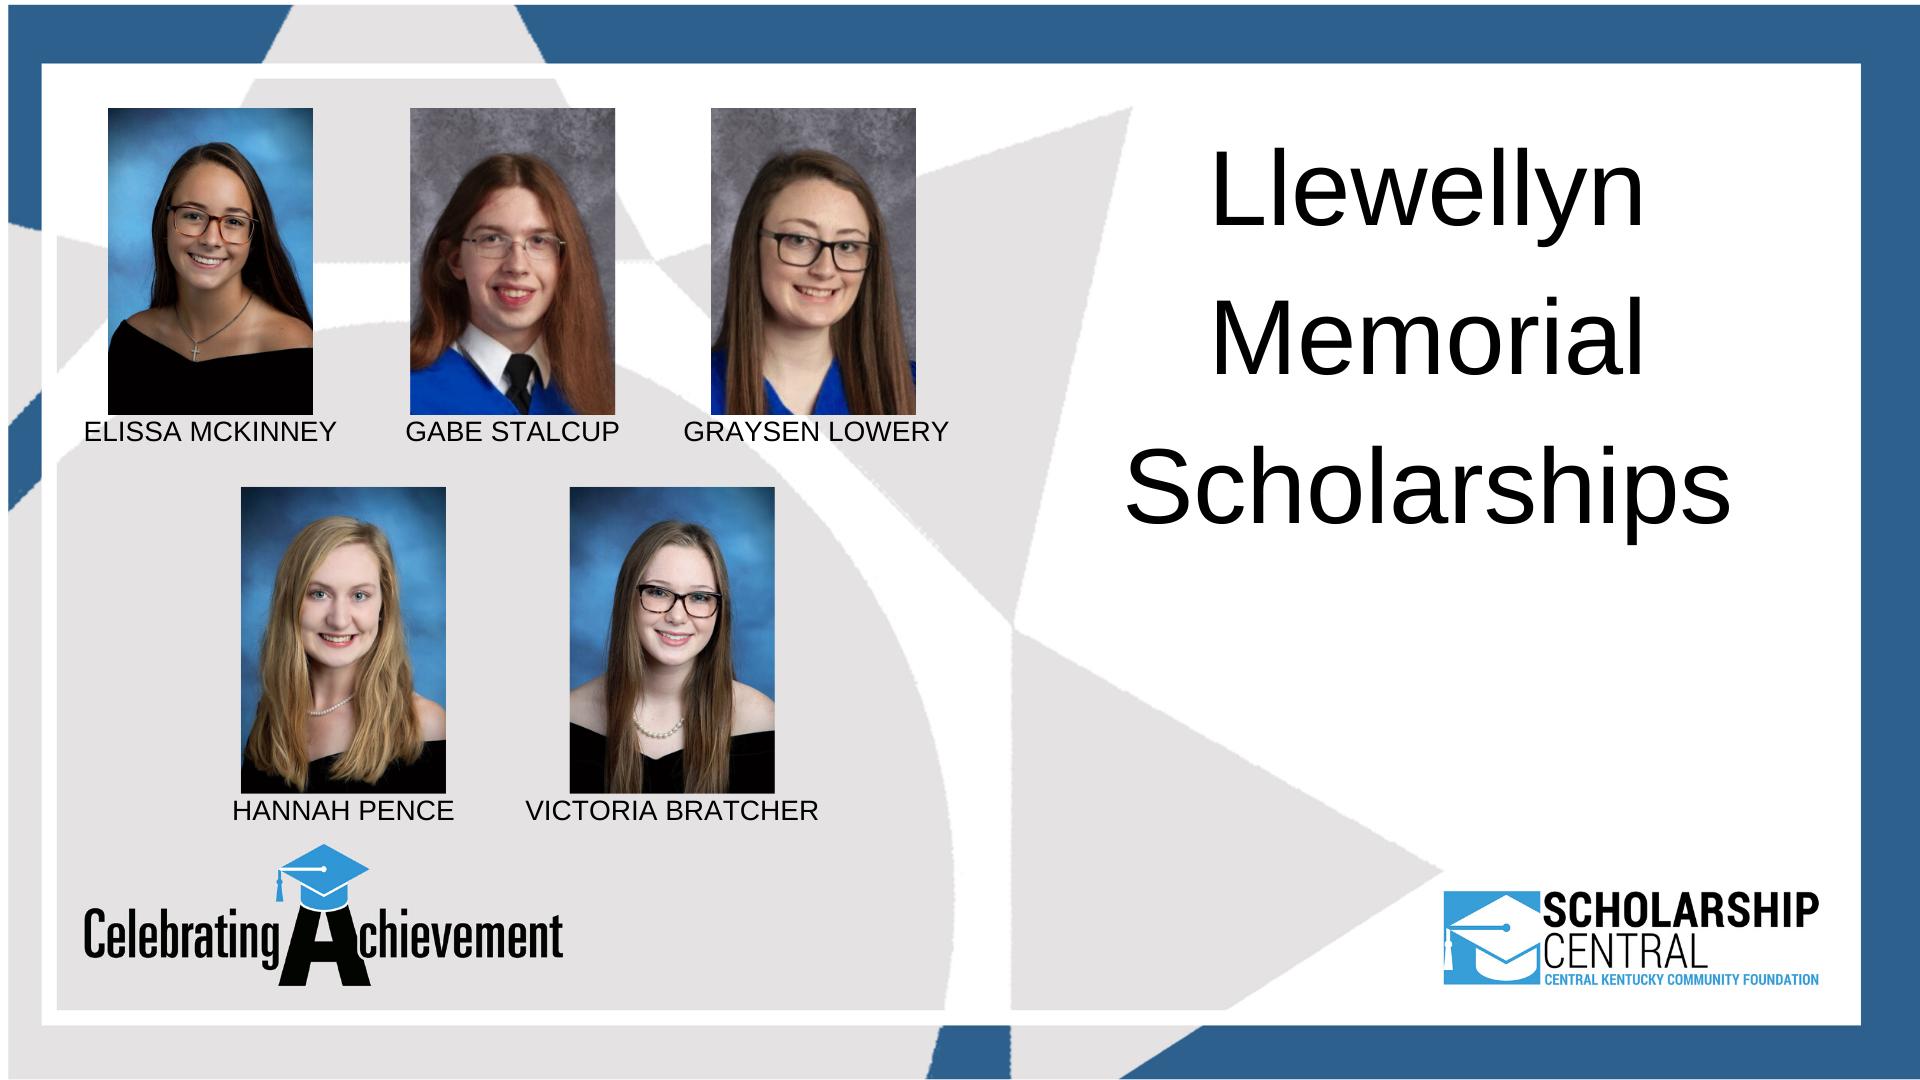 Llewellyn Memorial Scholarship2